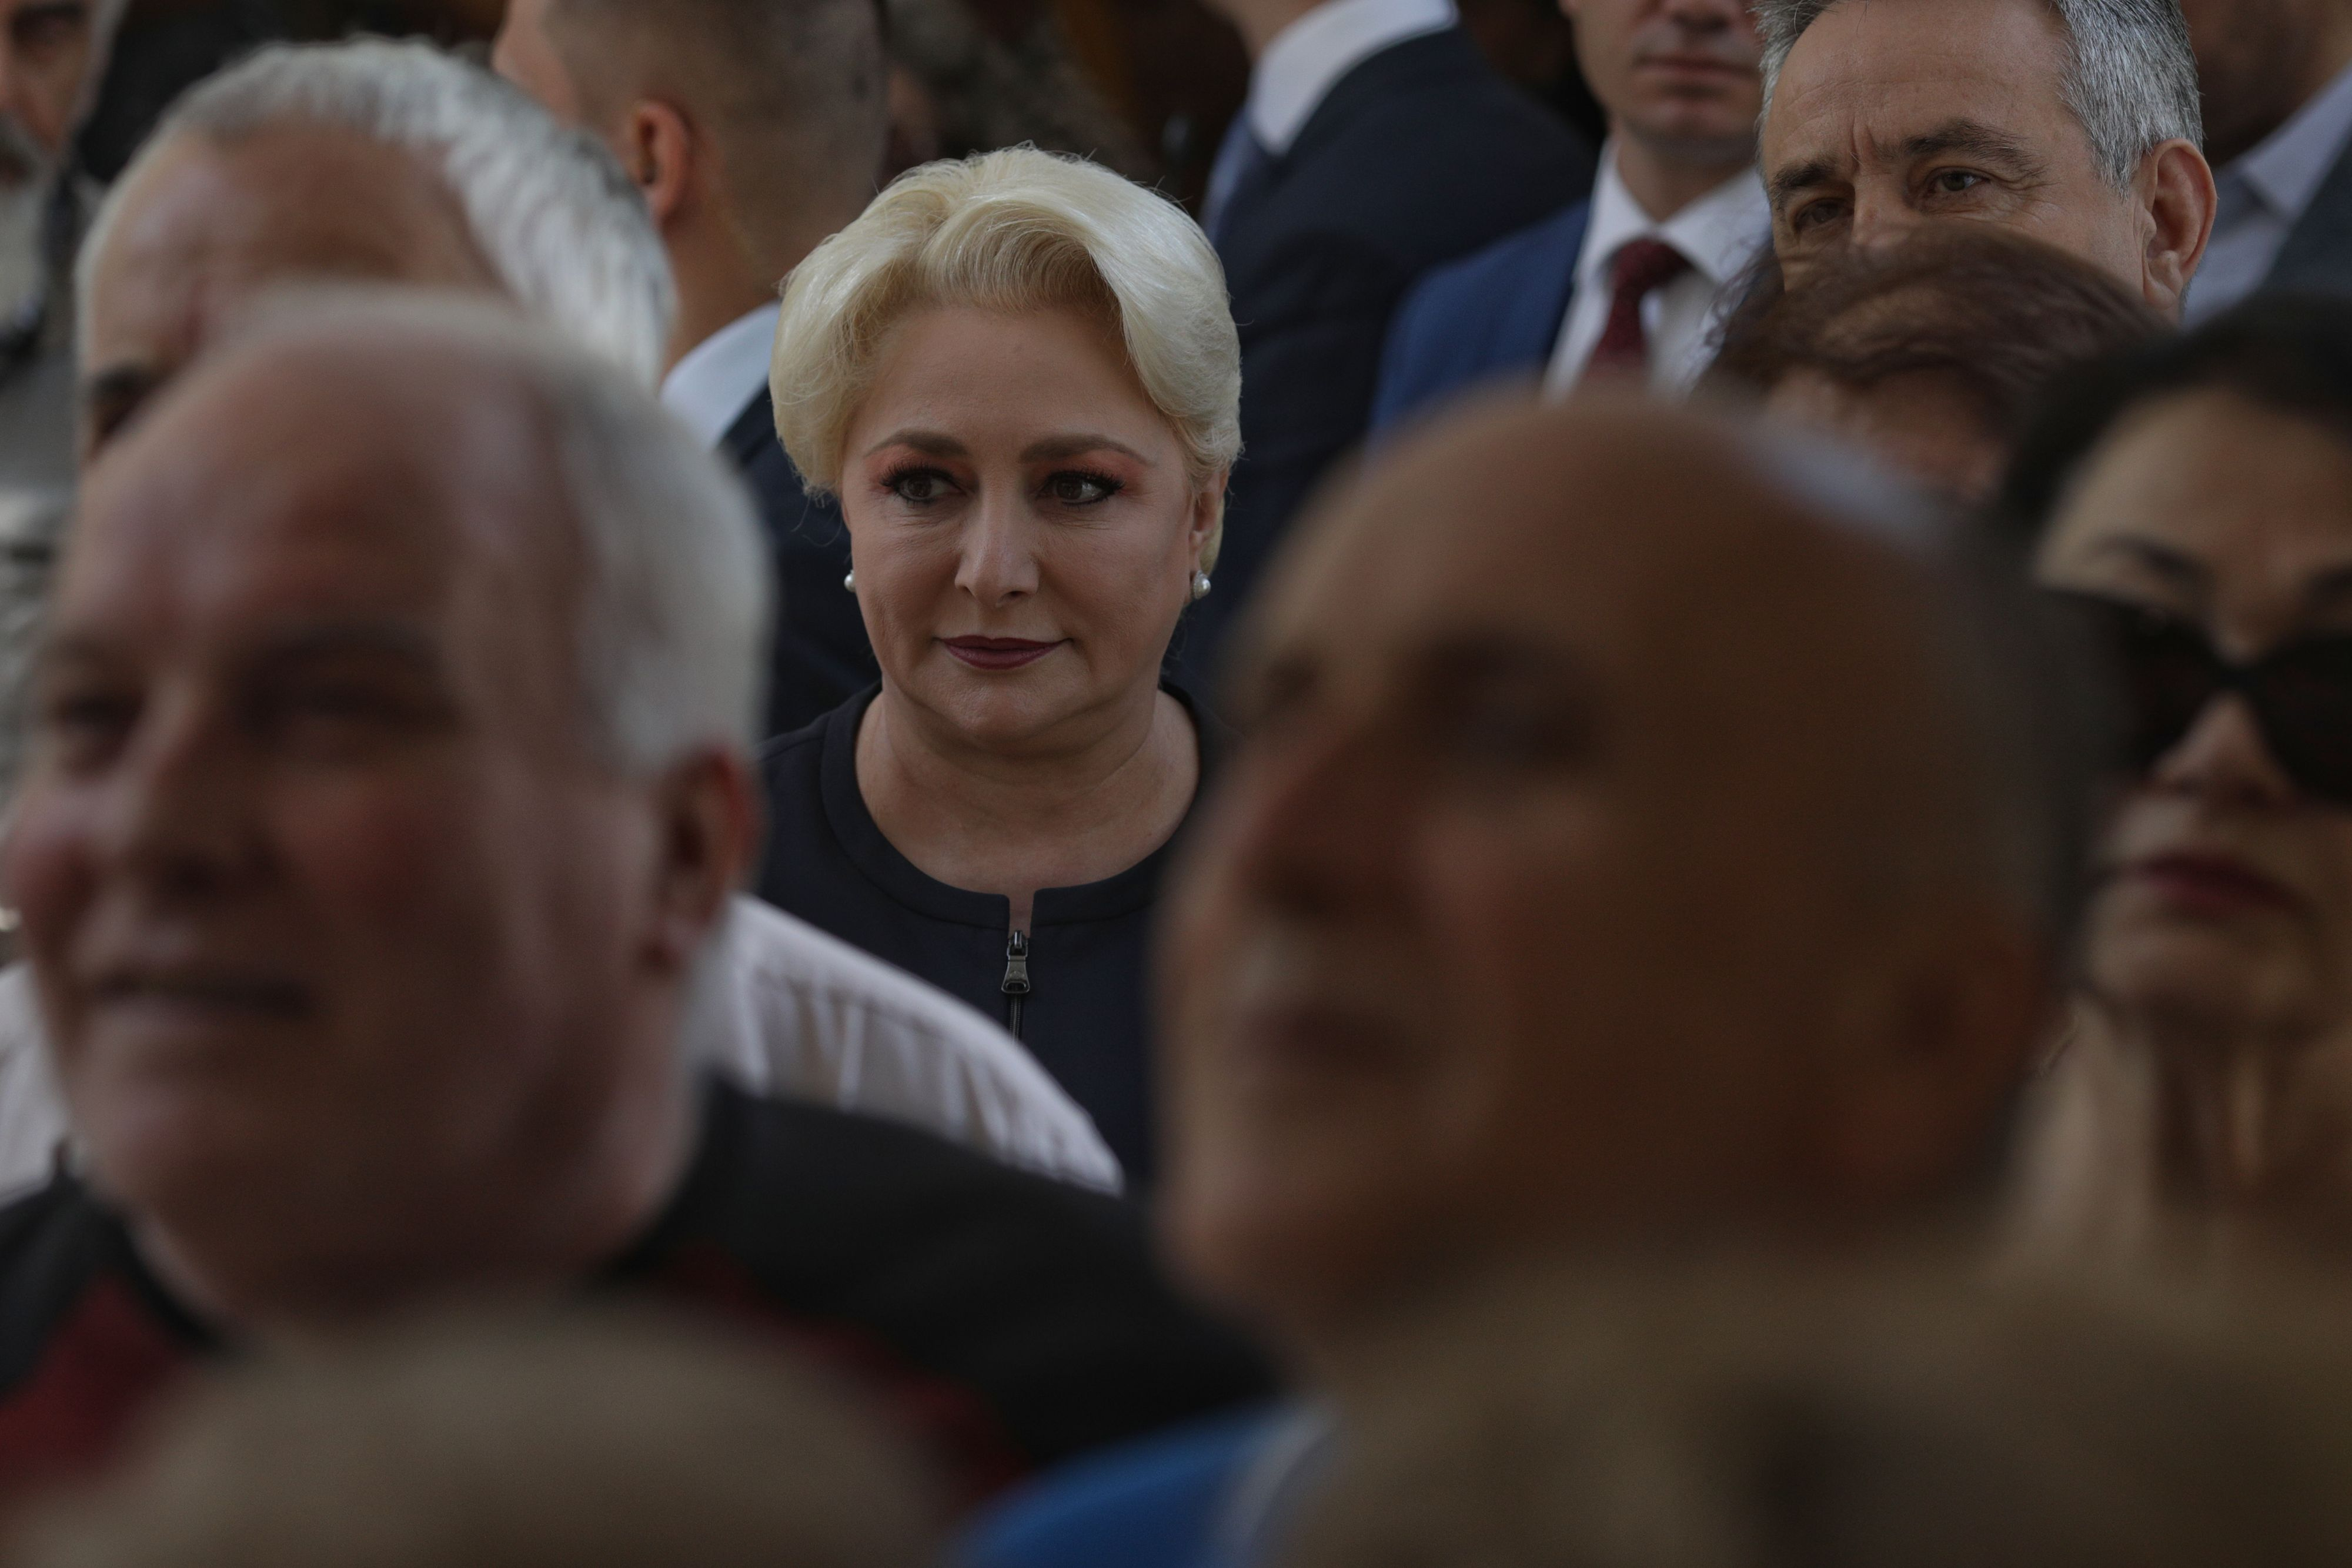 Alegeri europarlamentare 2019. Cum a fost întâmpinată Dăncilă la secția de votare. Ce i-au strigat / Foto: Inquam Photos / Octav Ganea